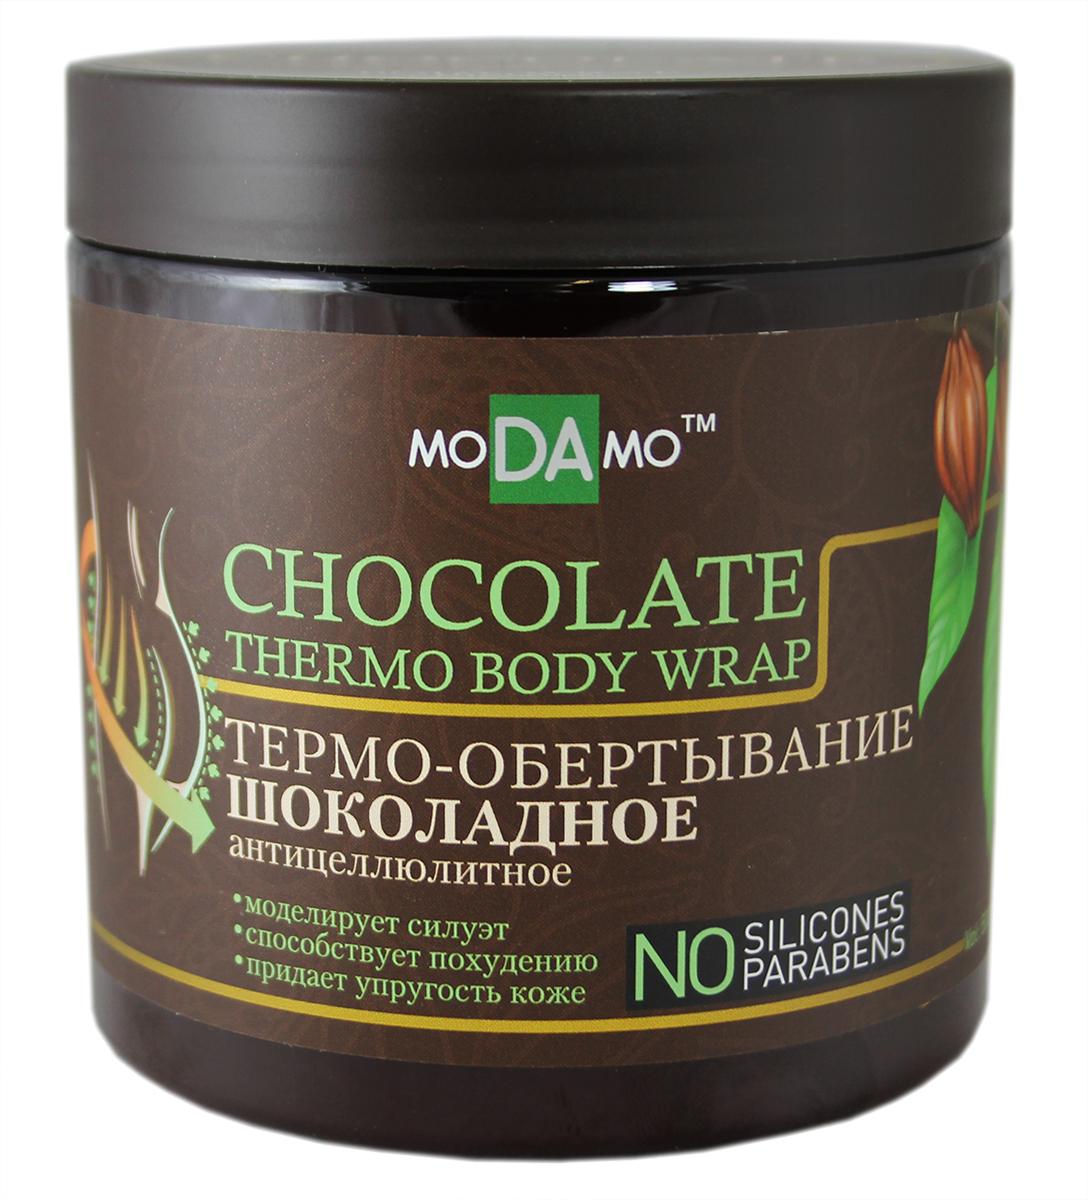 шоколадное обертывание отзывы для похудения